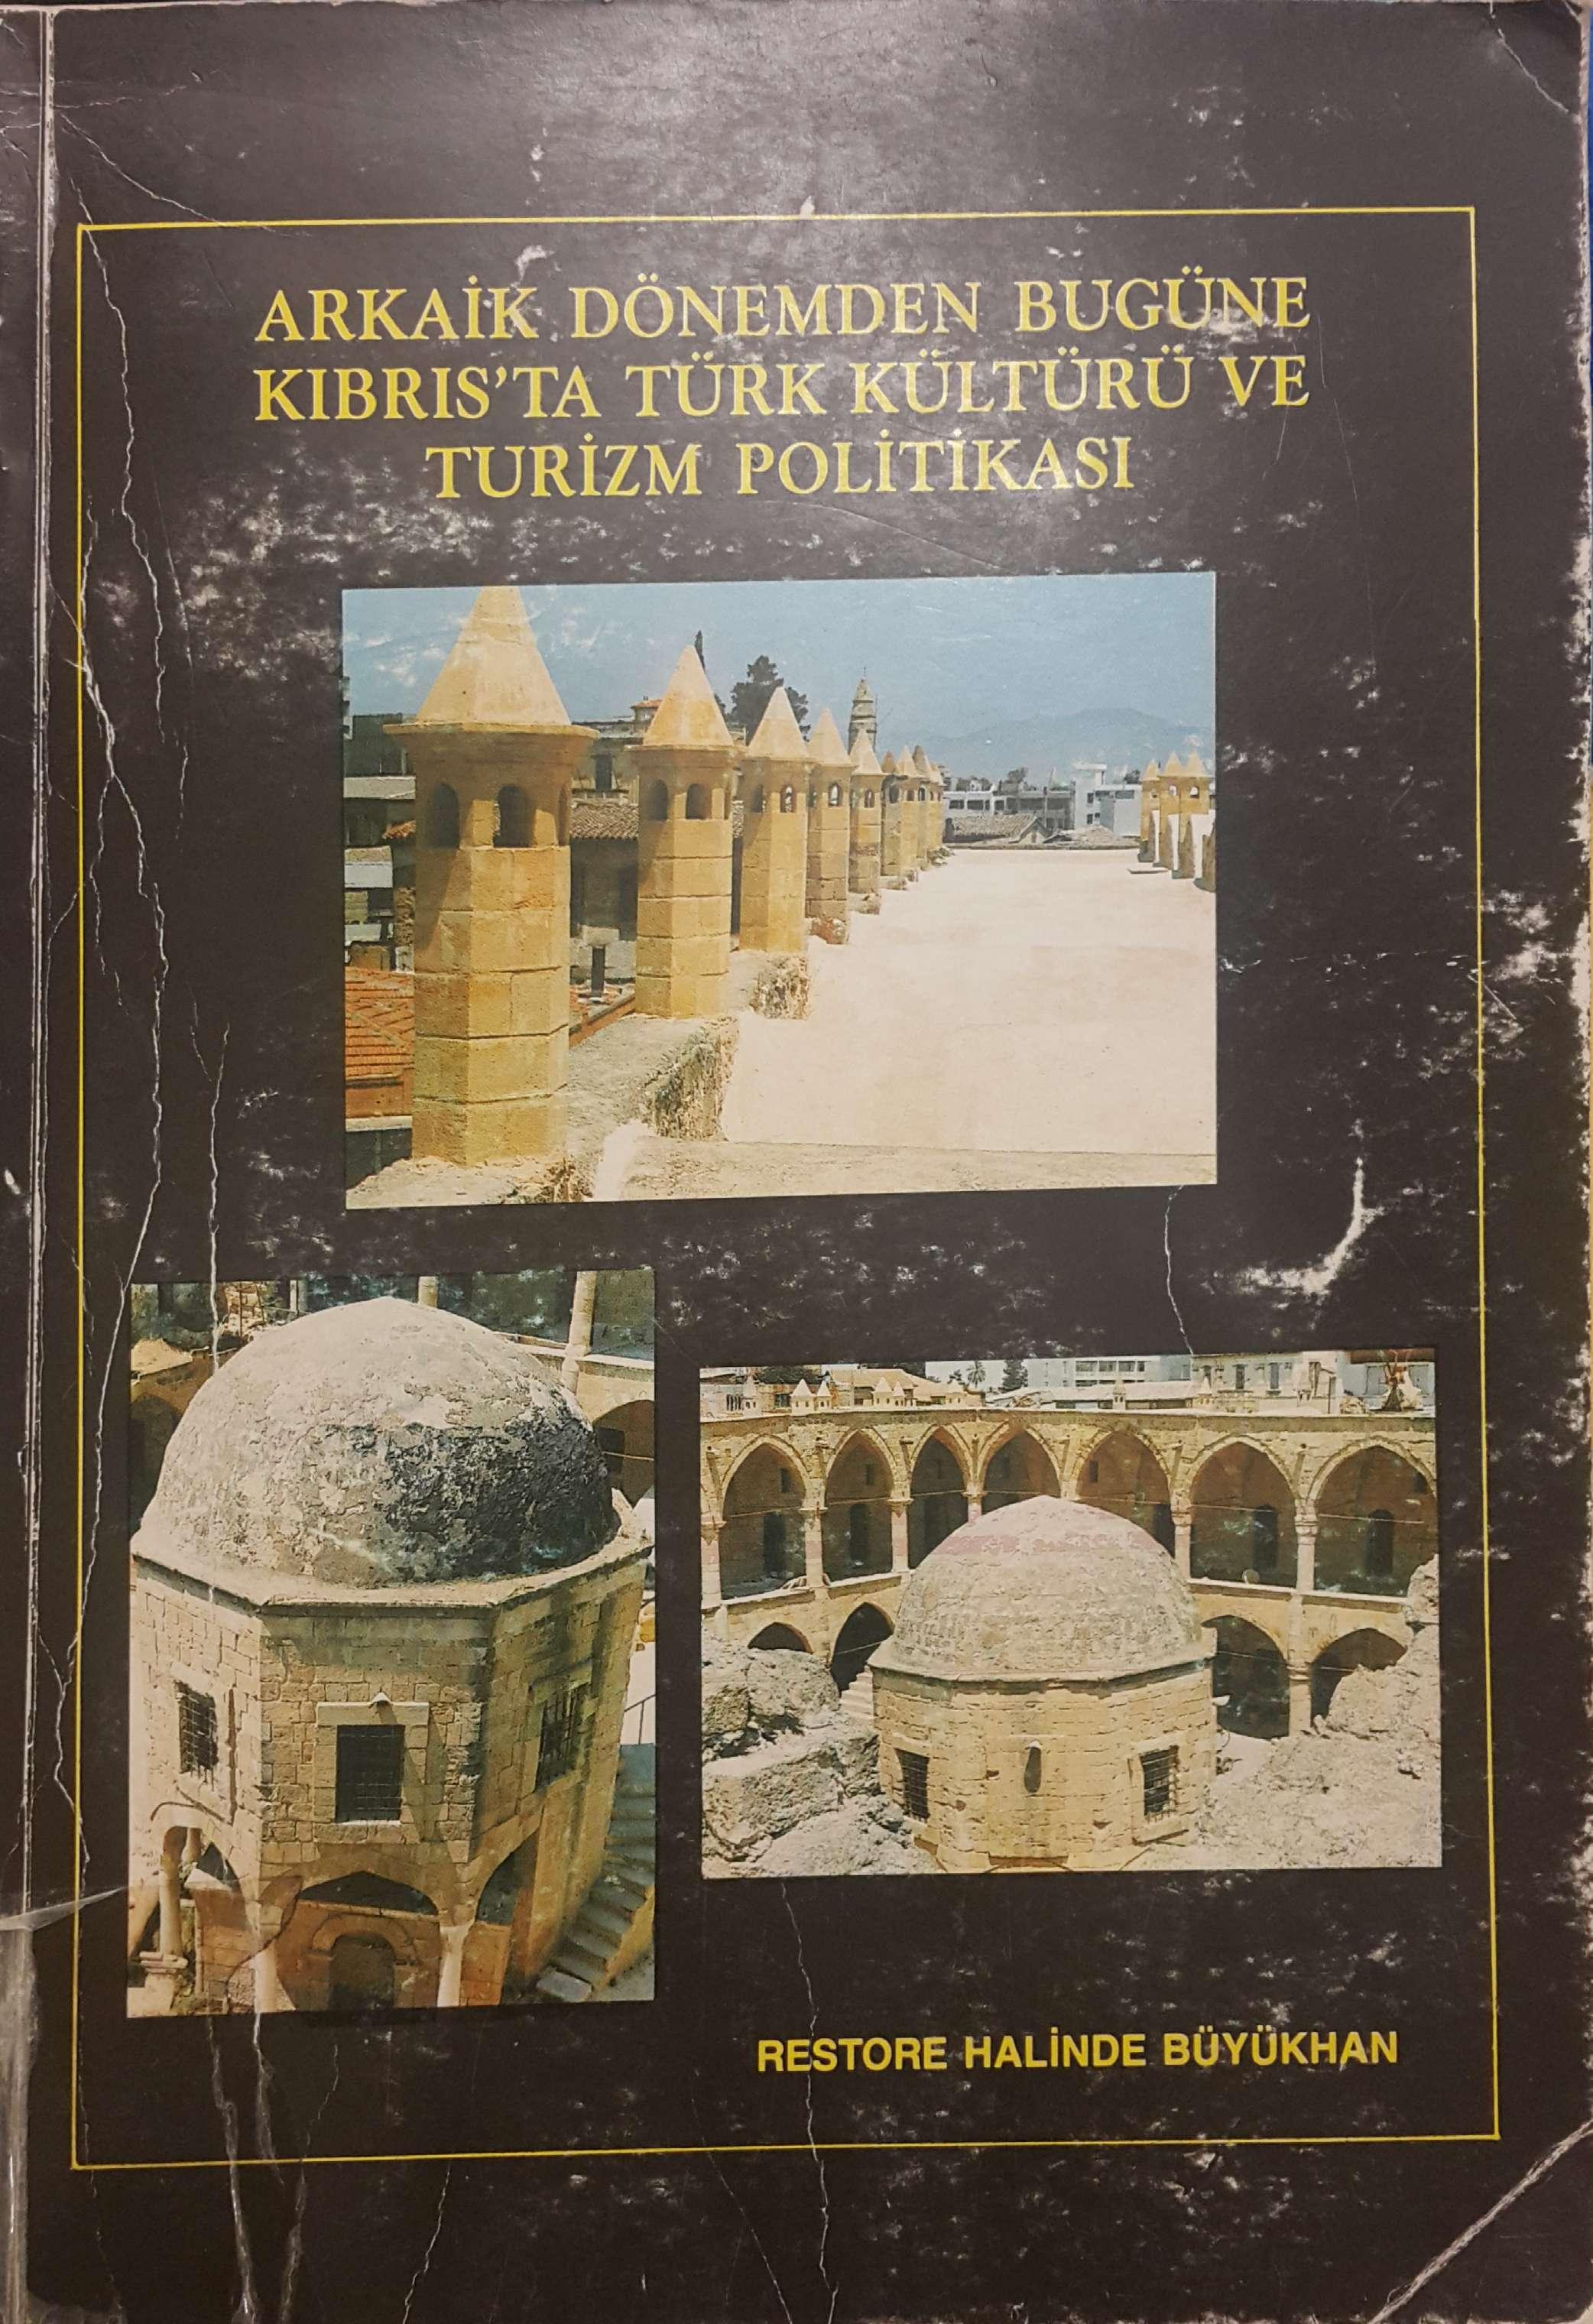 Arkaik Dönemden Bugüne Kıbrıs'ta Türk Kültürü ve Turizm Politikası Kitap Kapağı